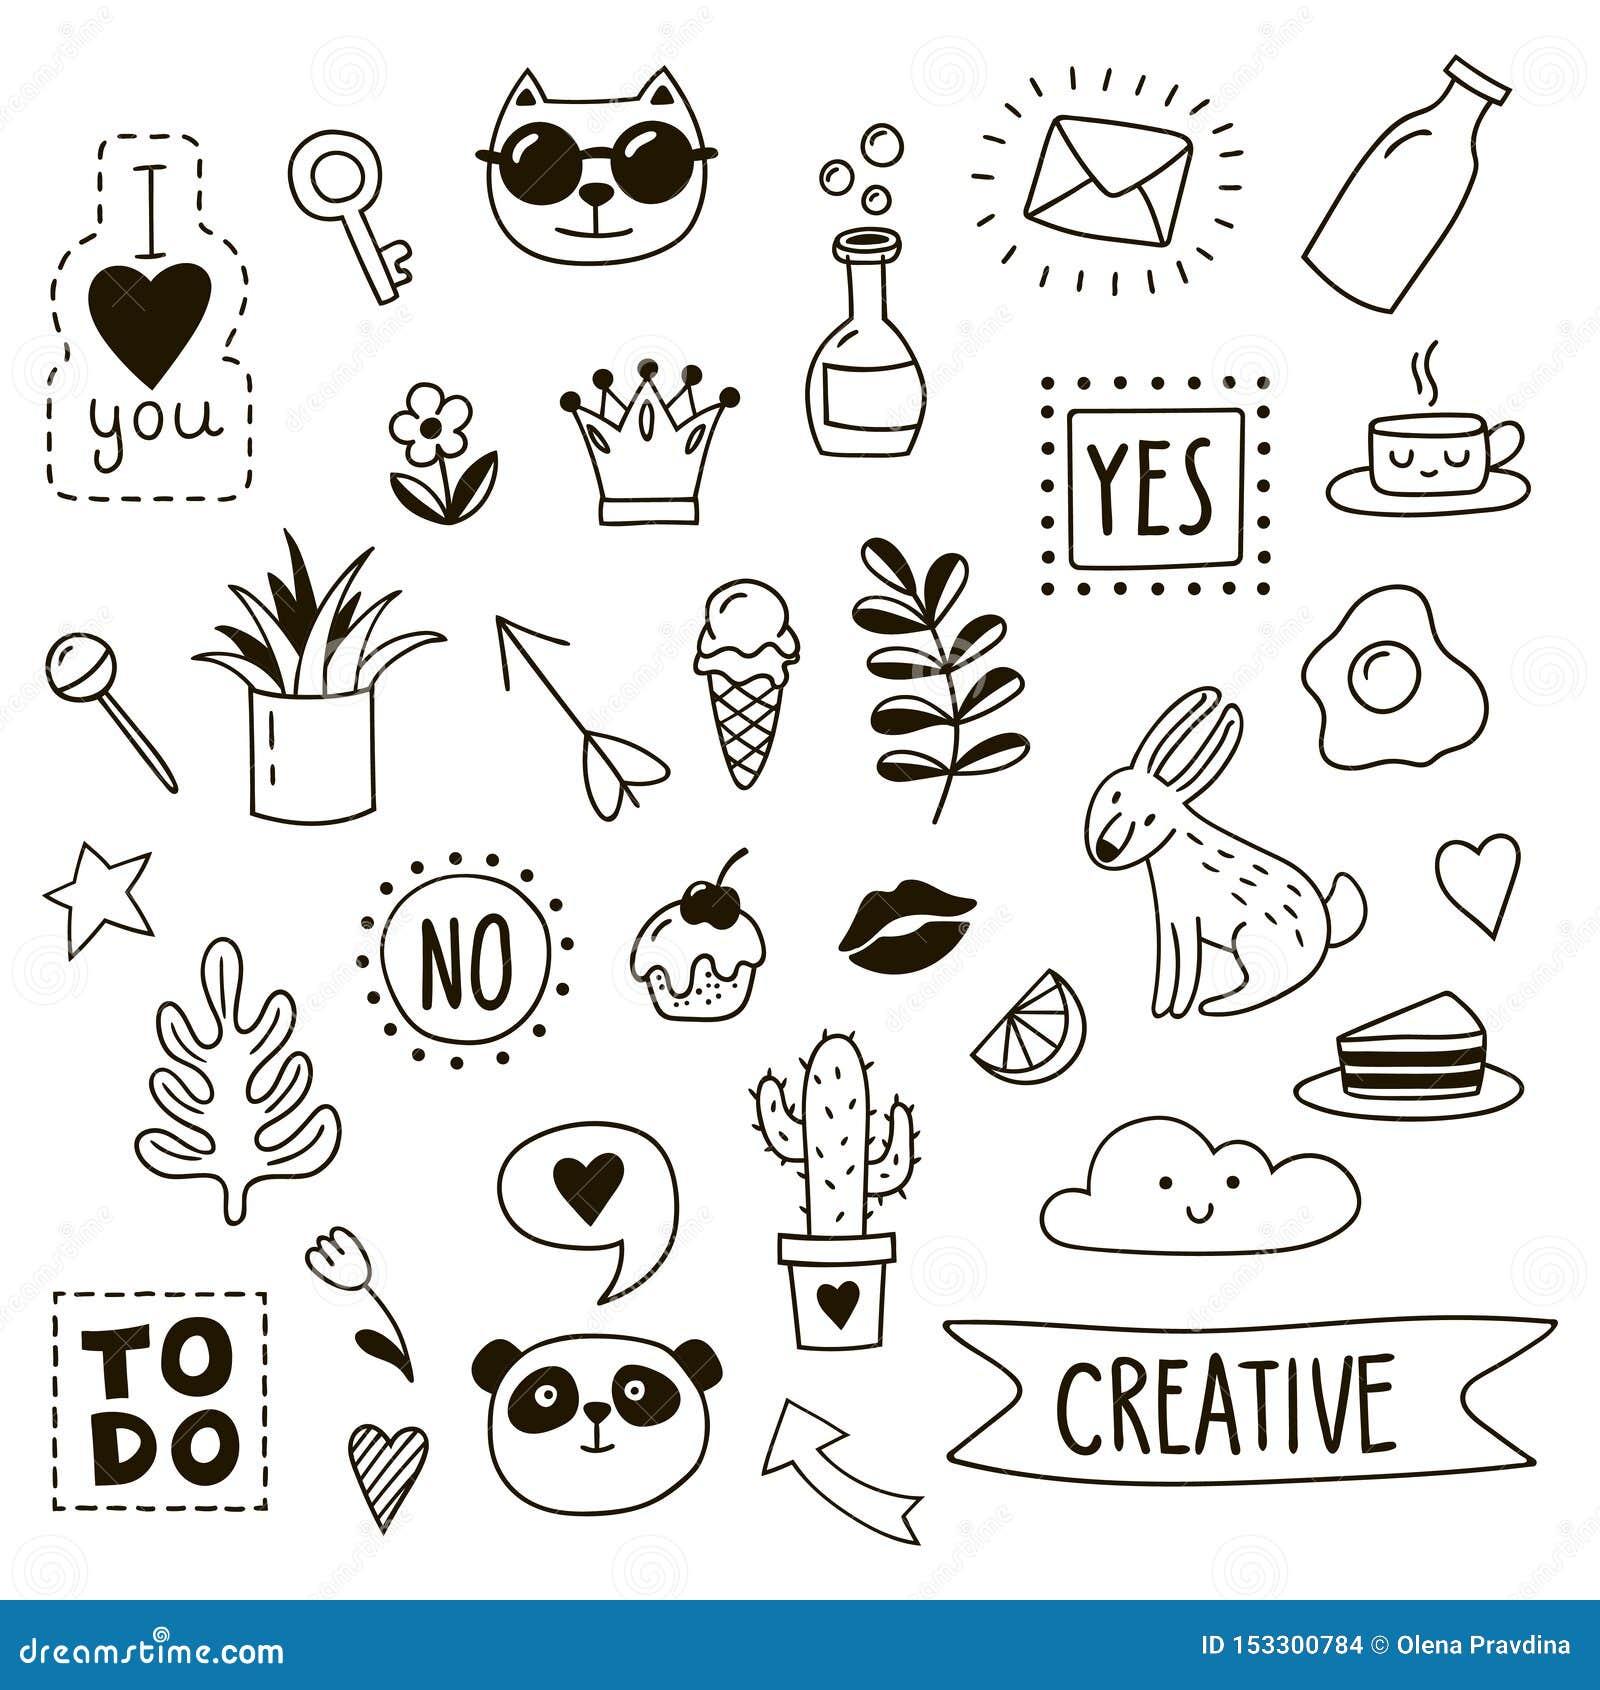 White On Black Vector Illustration Of Capital Letter L Stock Illustration -  Illustration of badge, design: 115397500